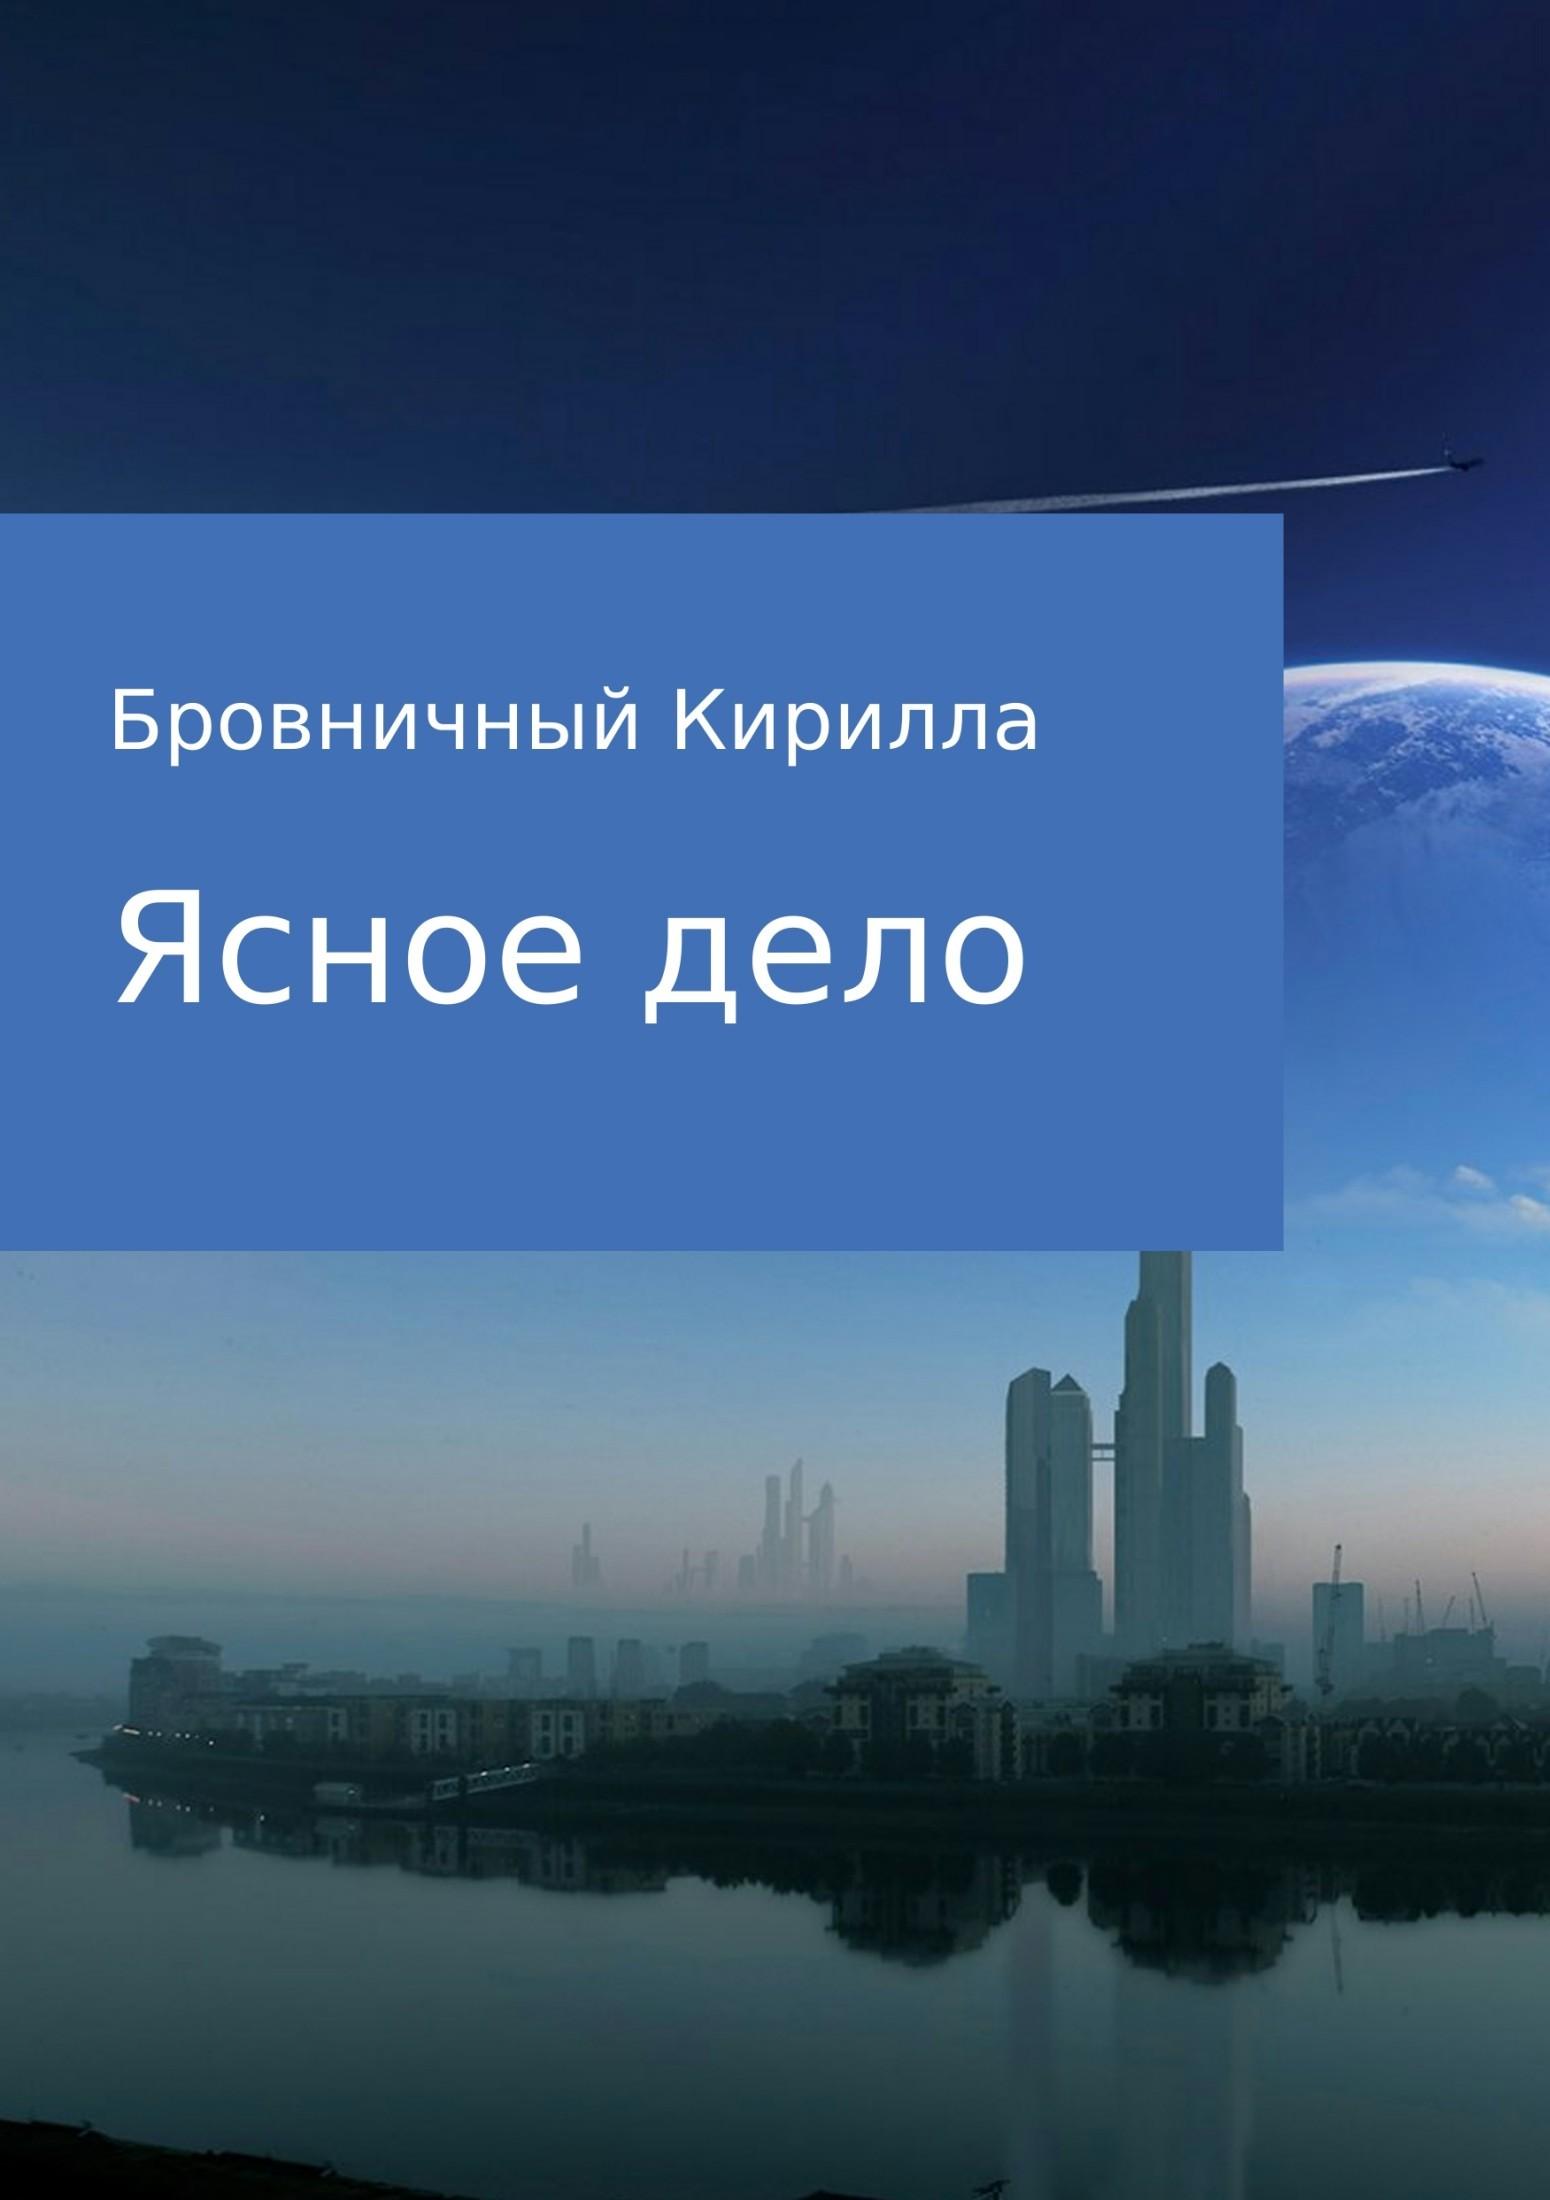 Кирилла Бровничный Ясное дело готфрид келлер кузнец своего счастья